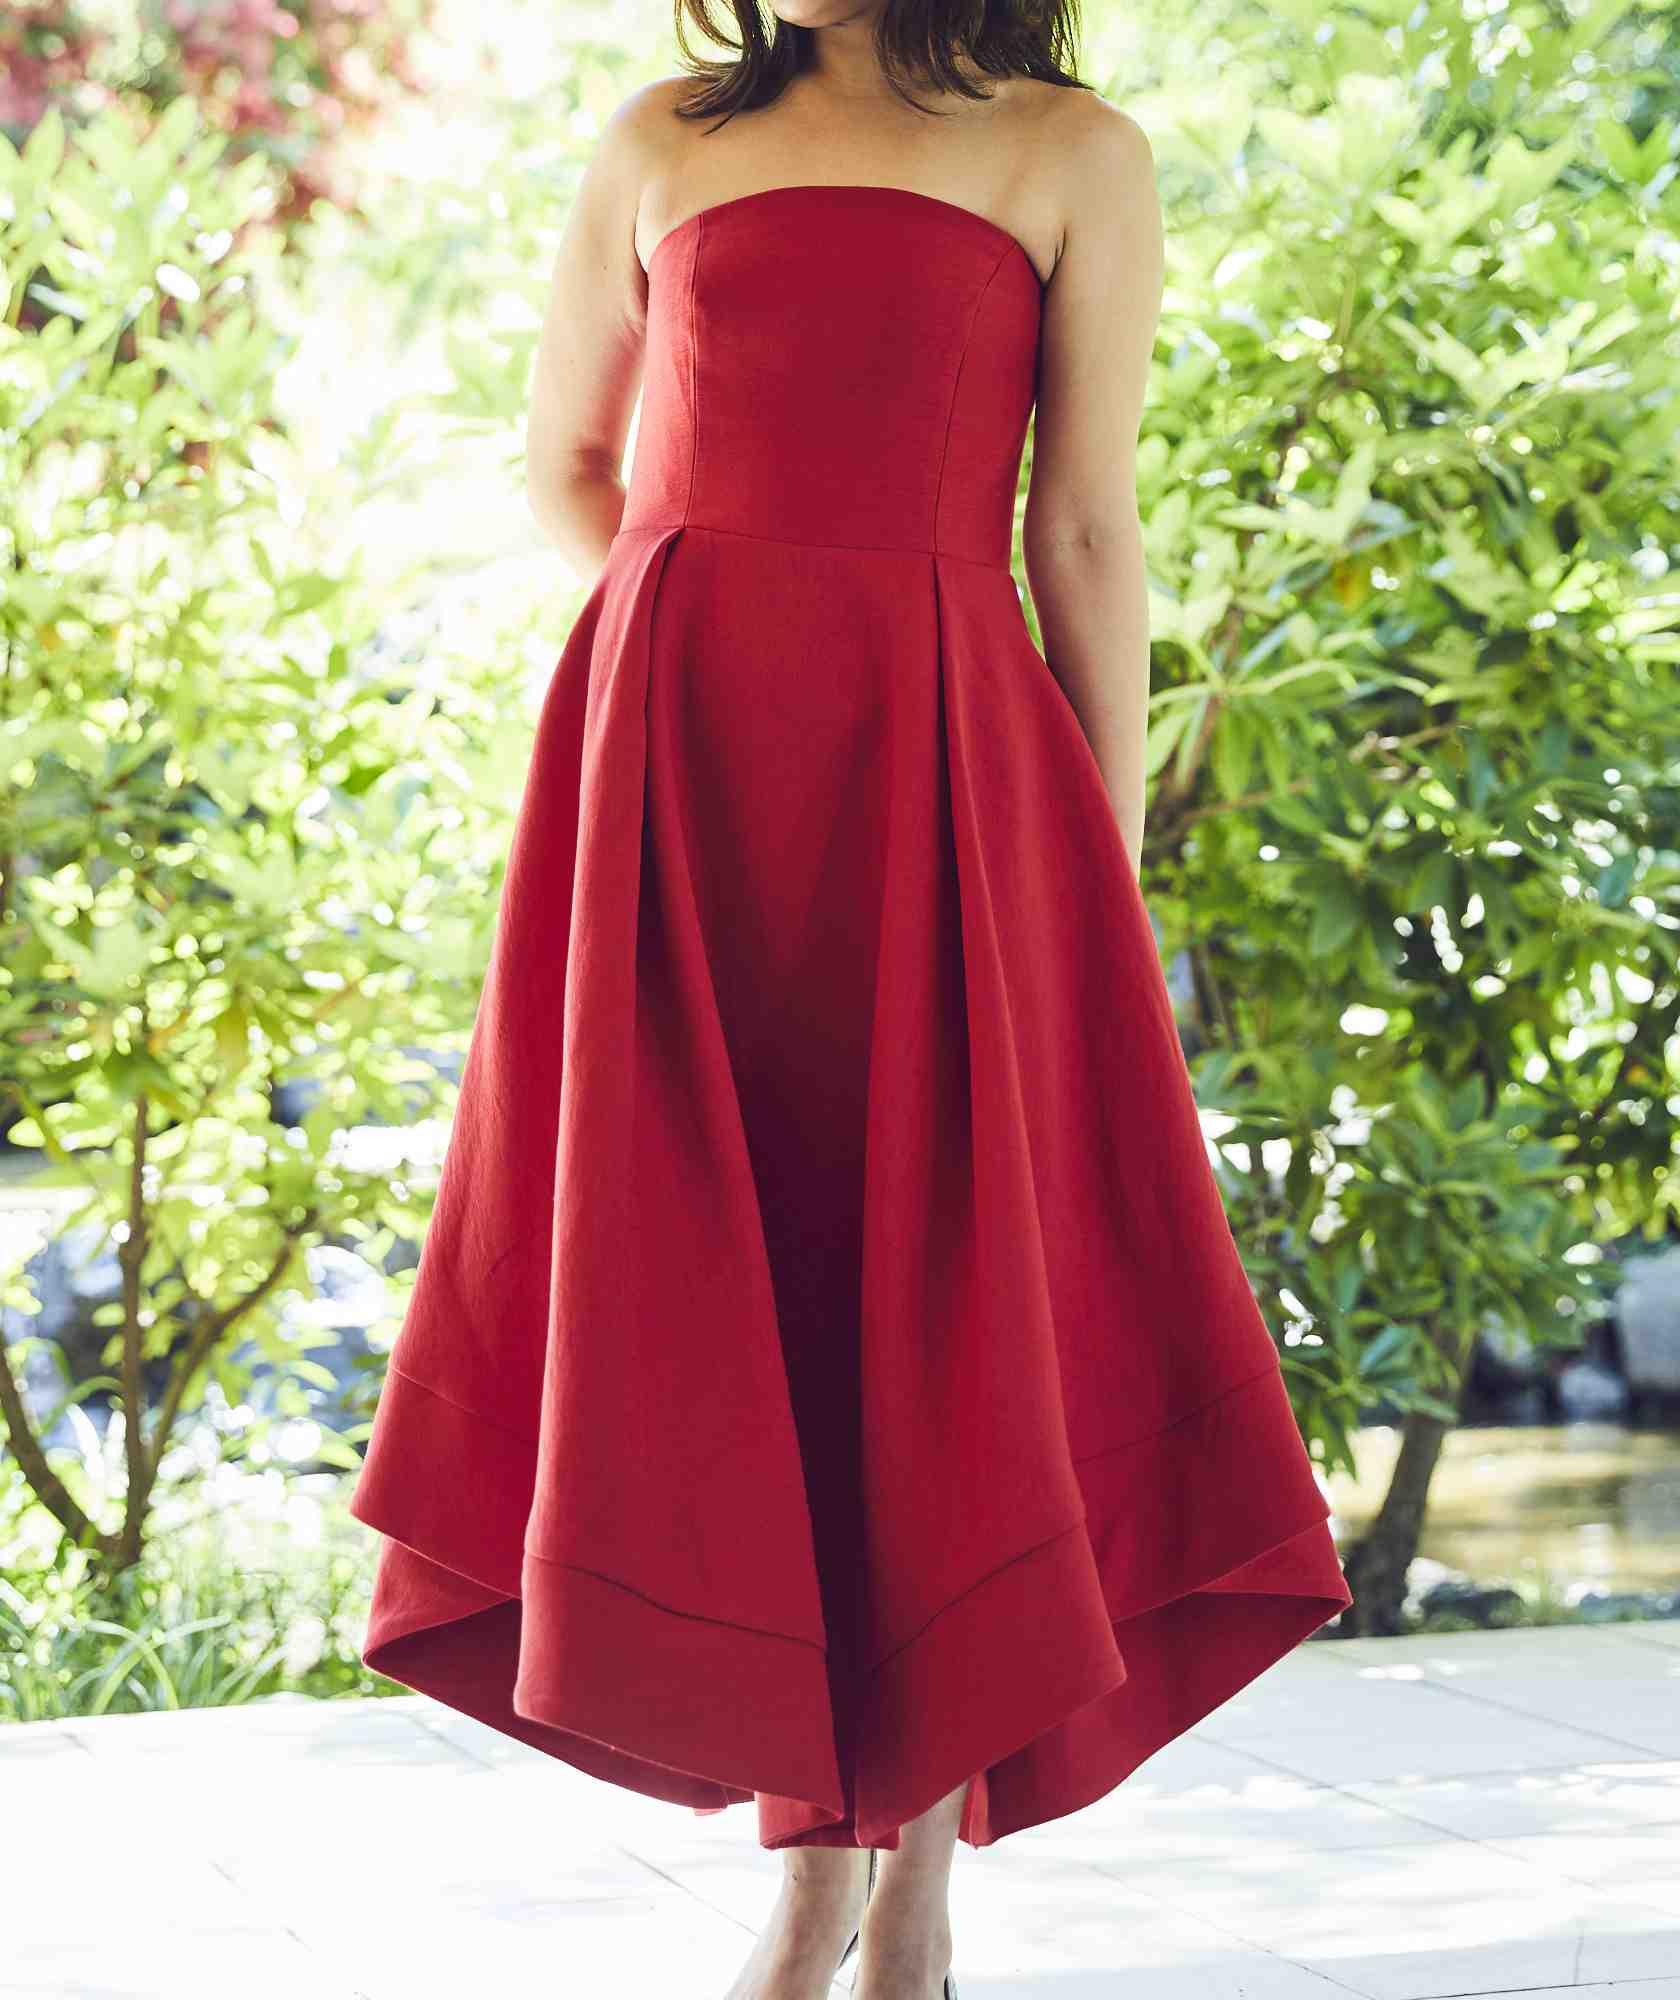 ボリュームラインカラーベアミディアムドレス-レッド-M